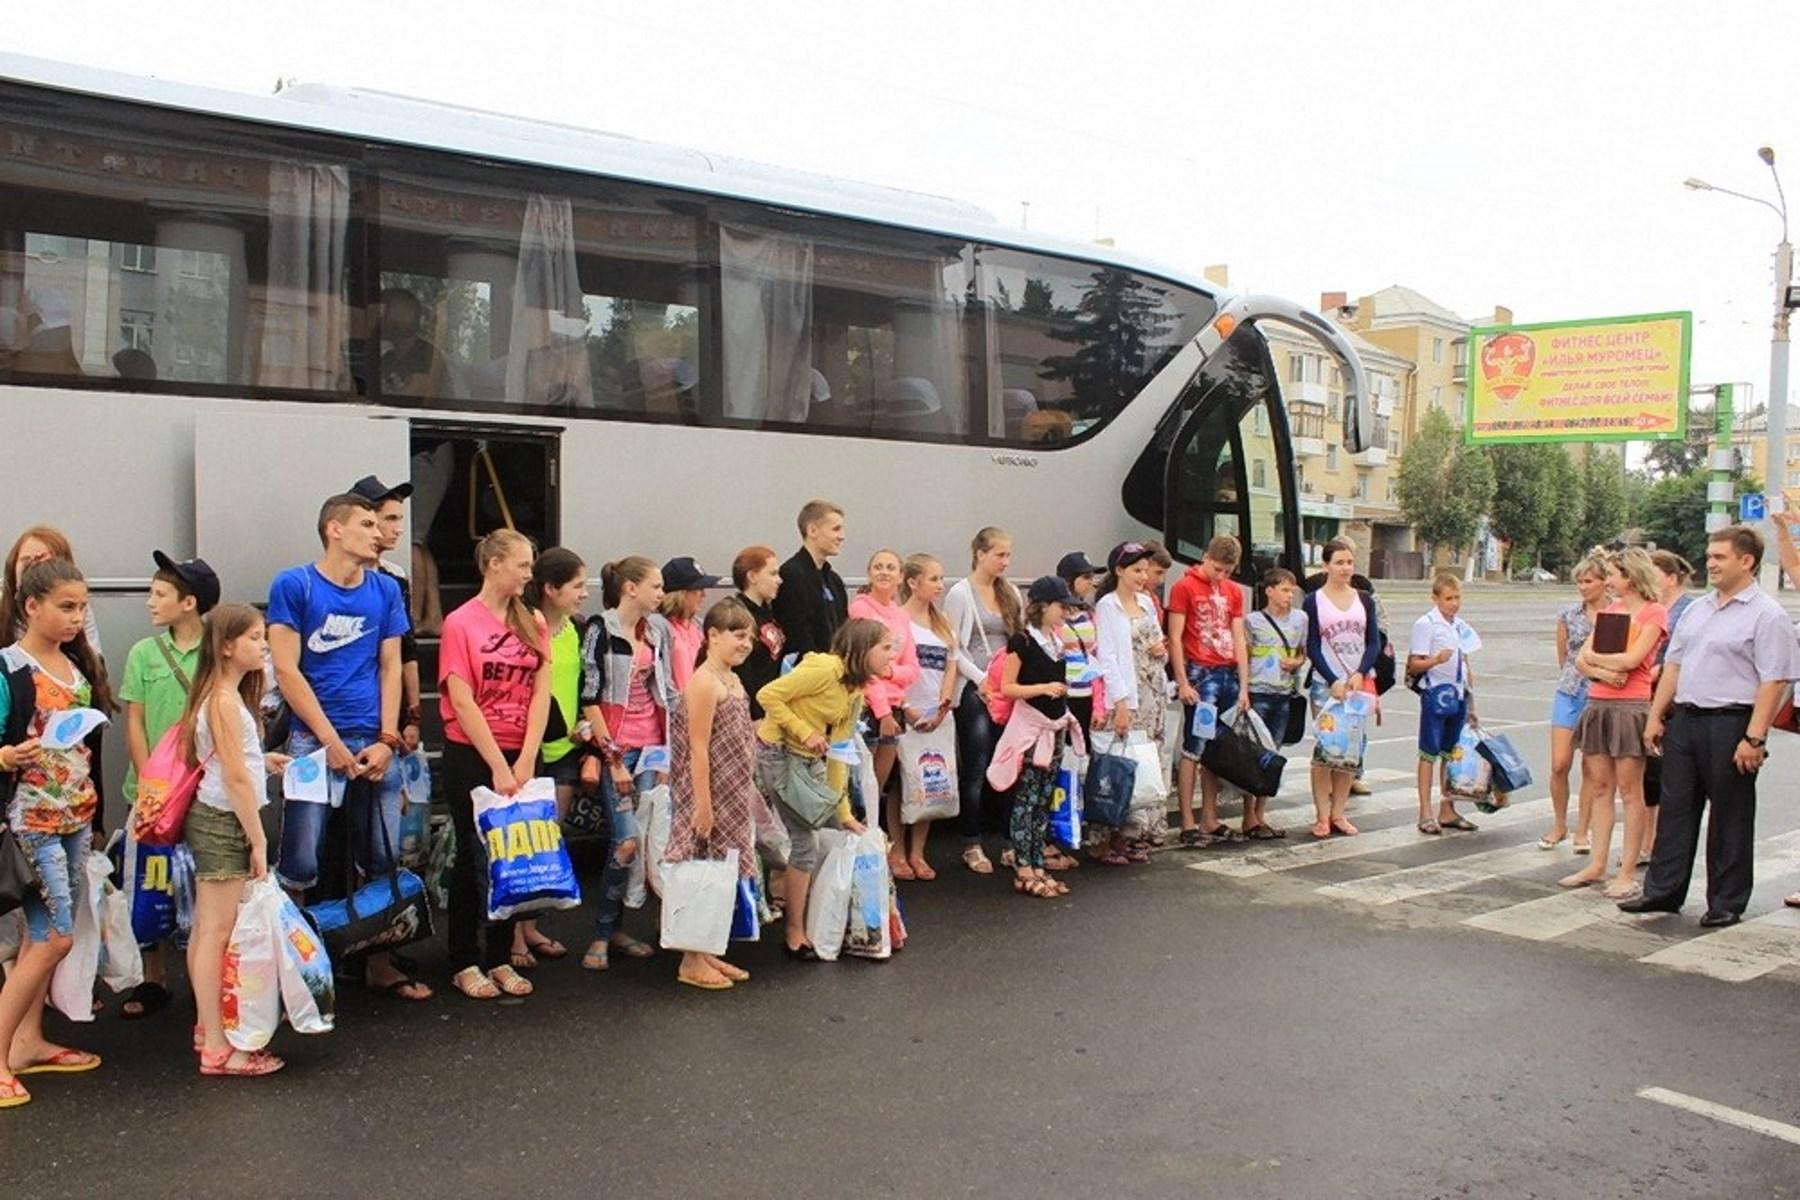 00 lugansk pr. lnr. lugansk kids in moscow 03. 260615